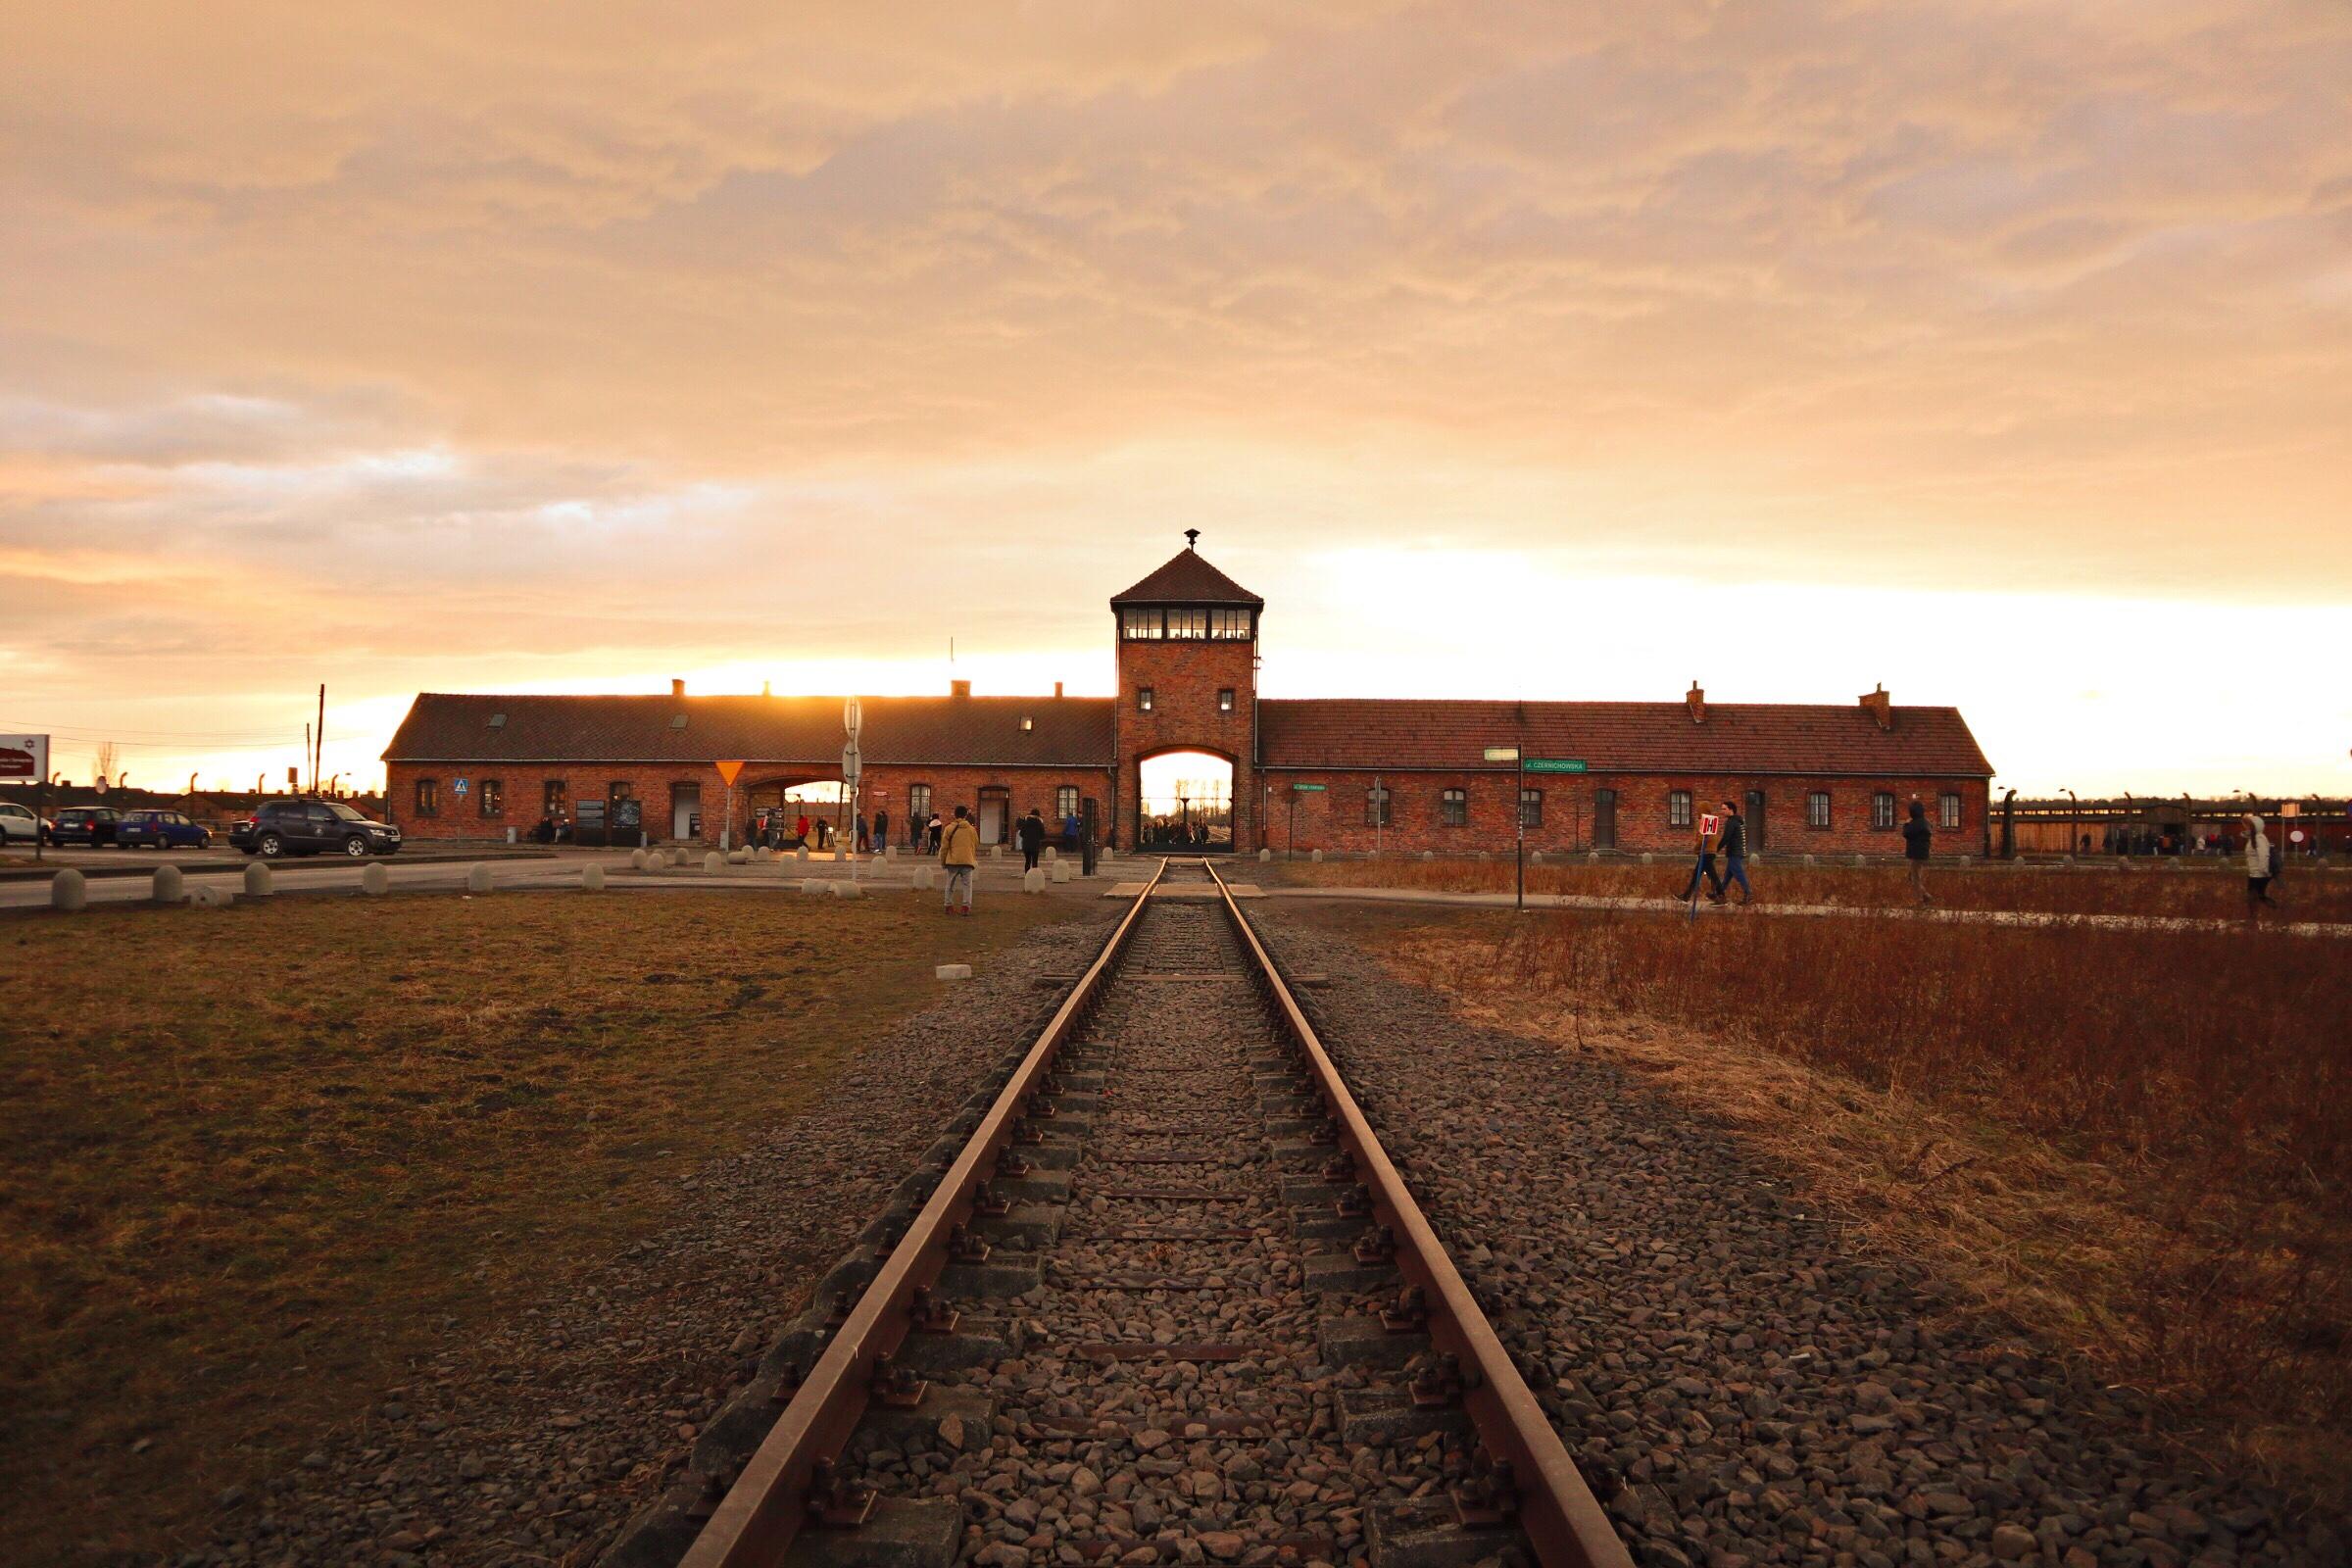 【ポーランド】鎮魂の祈りを込めて、アウシュヴィッツ強制収容所【クラクフ】